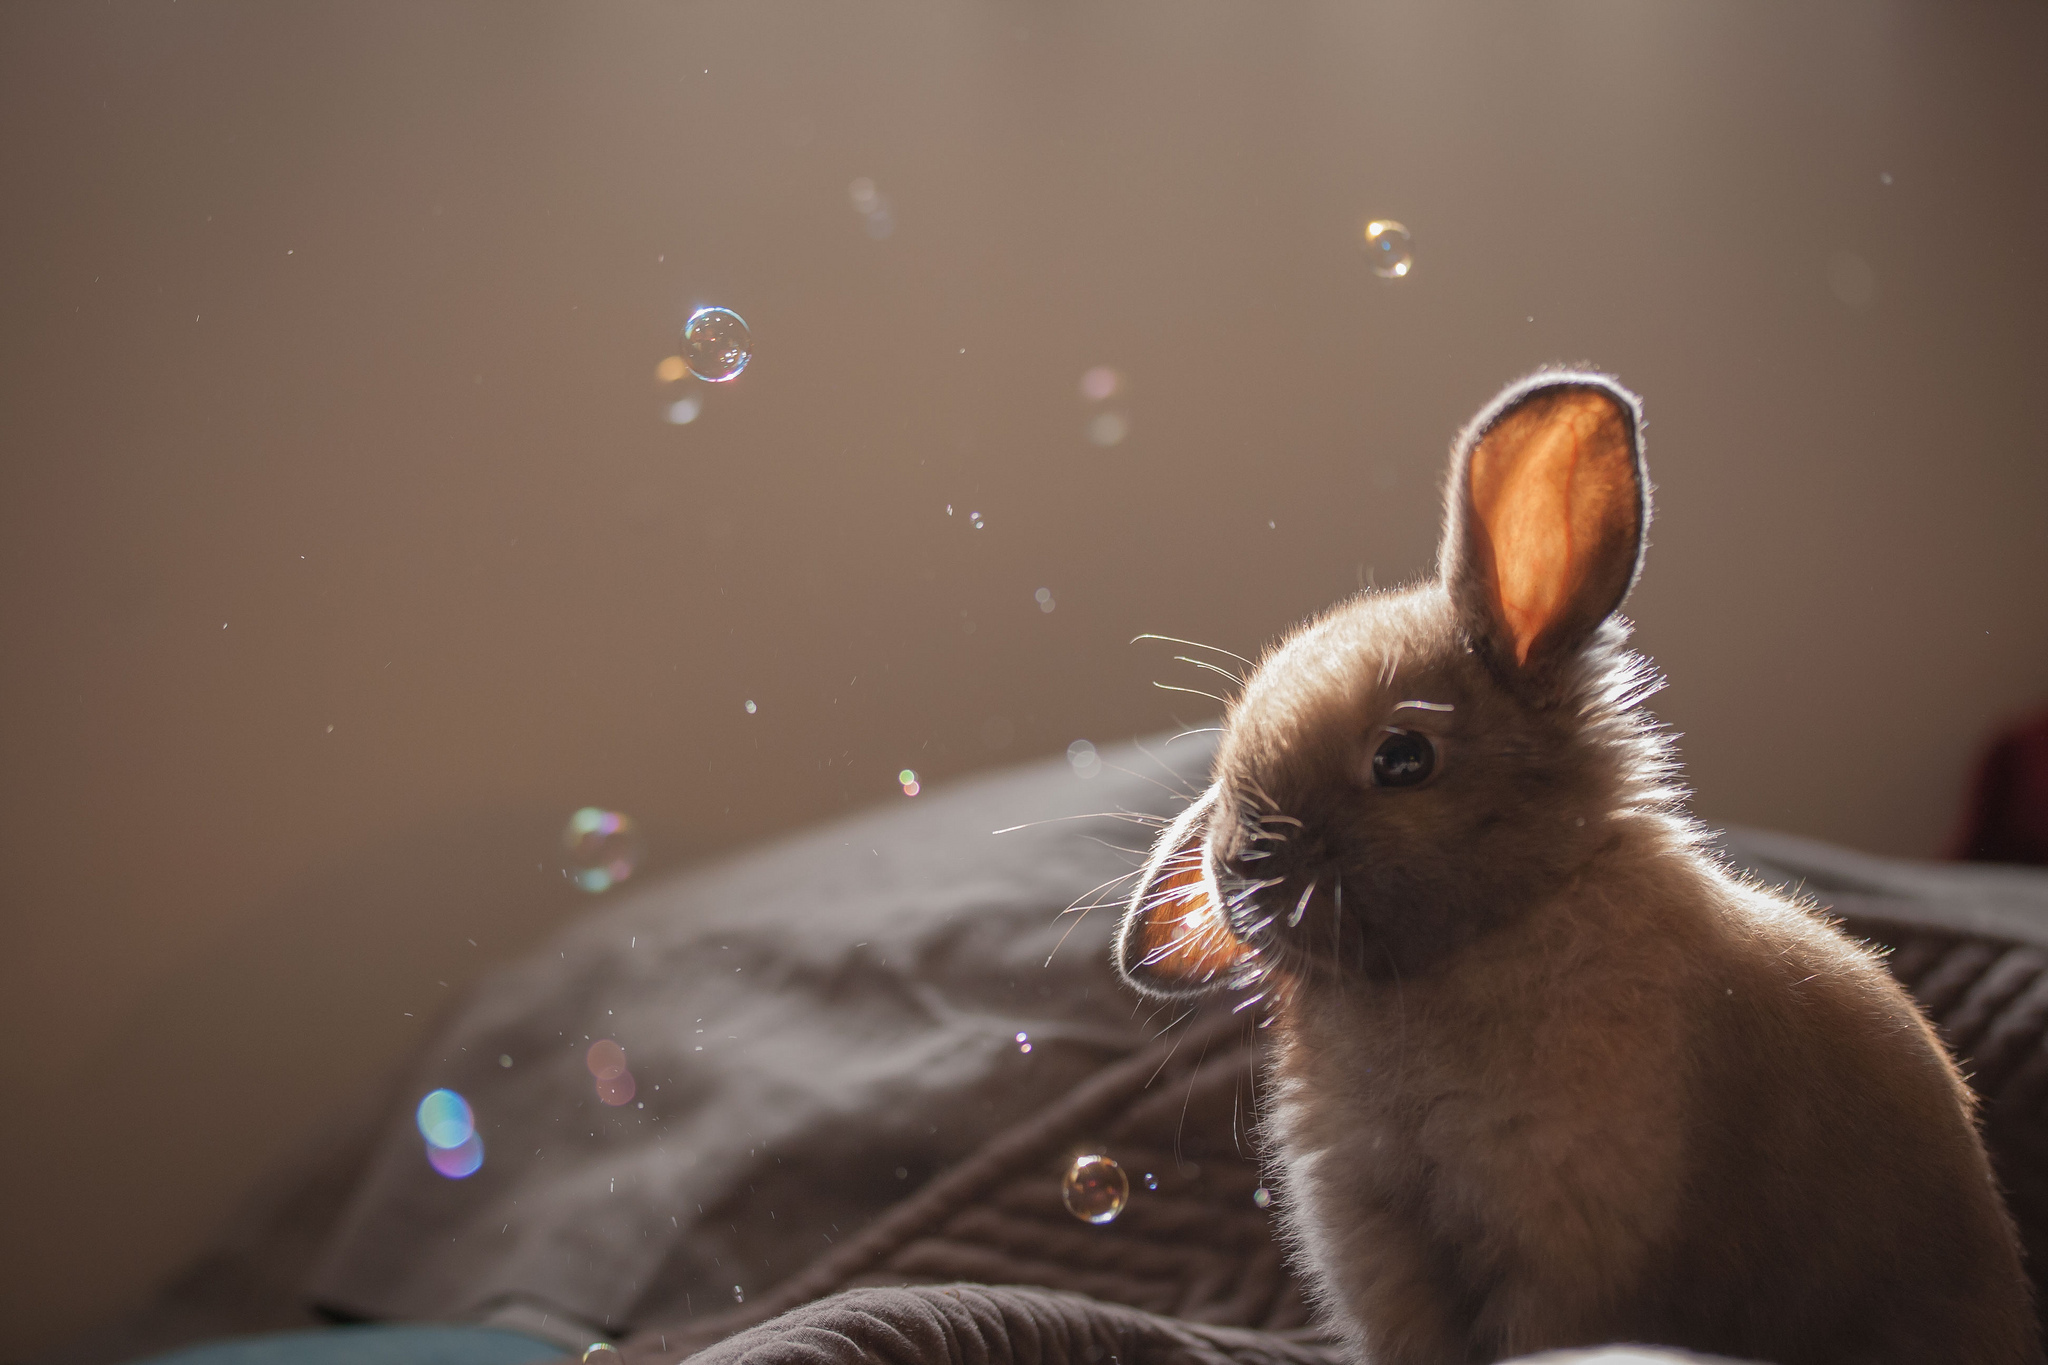 Кролик макро  № 3207681 бесплатно